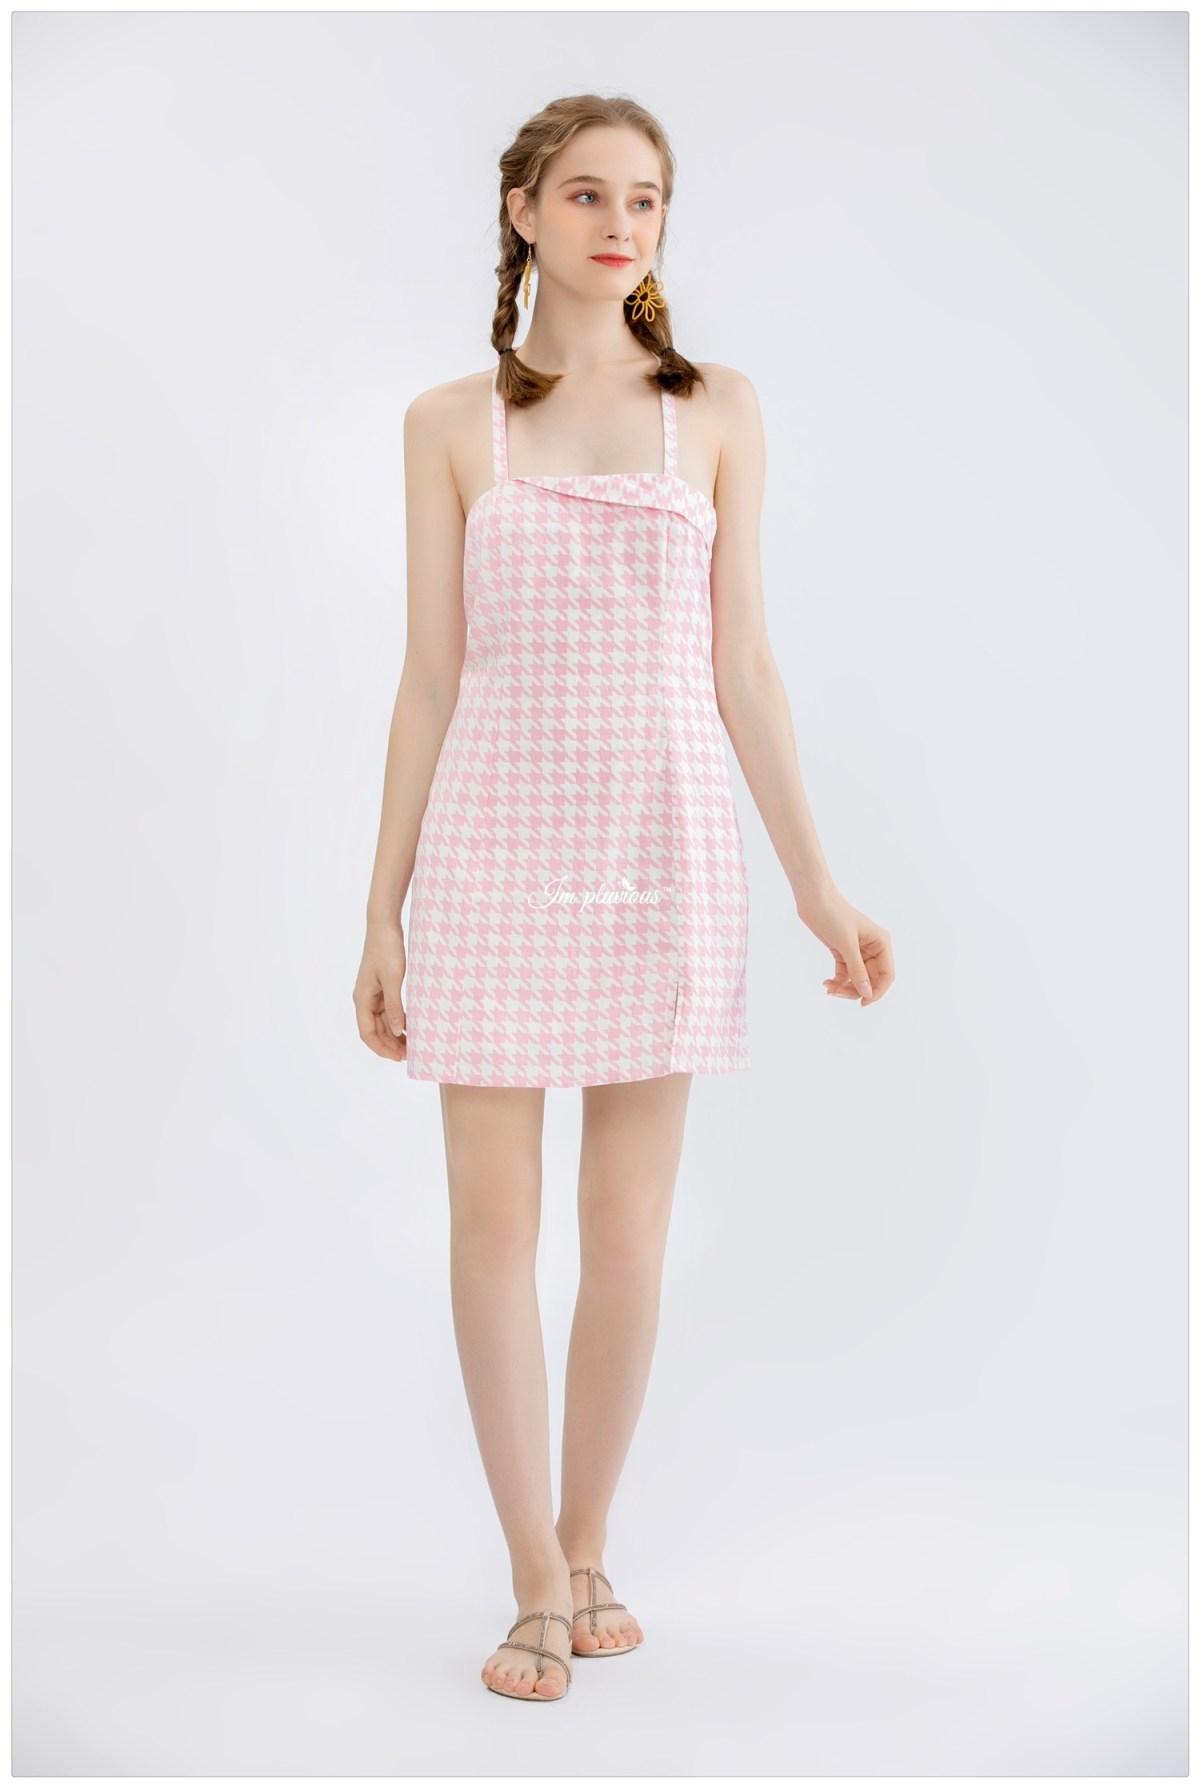 summer dressespetite dressesdresses for teenssundresses